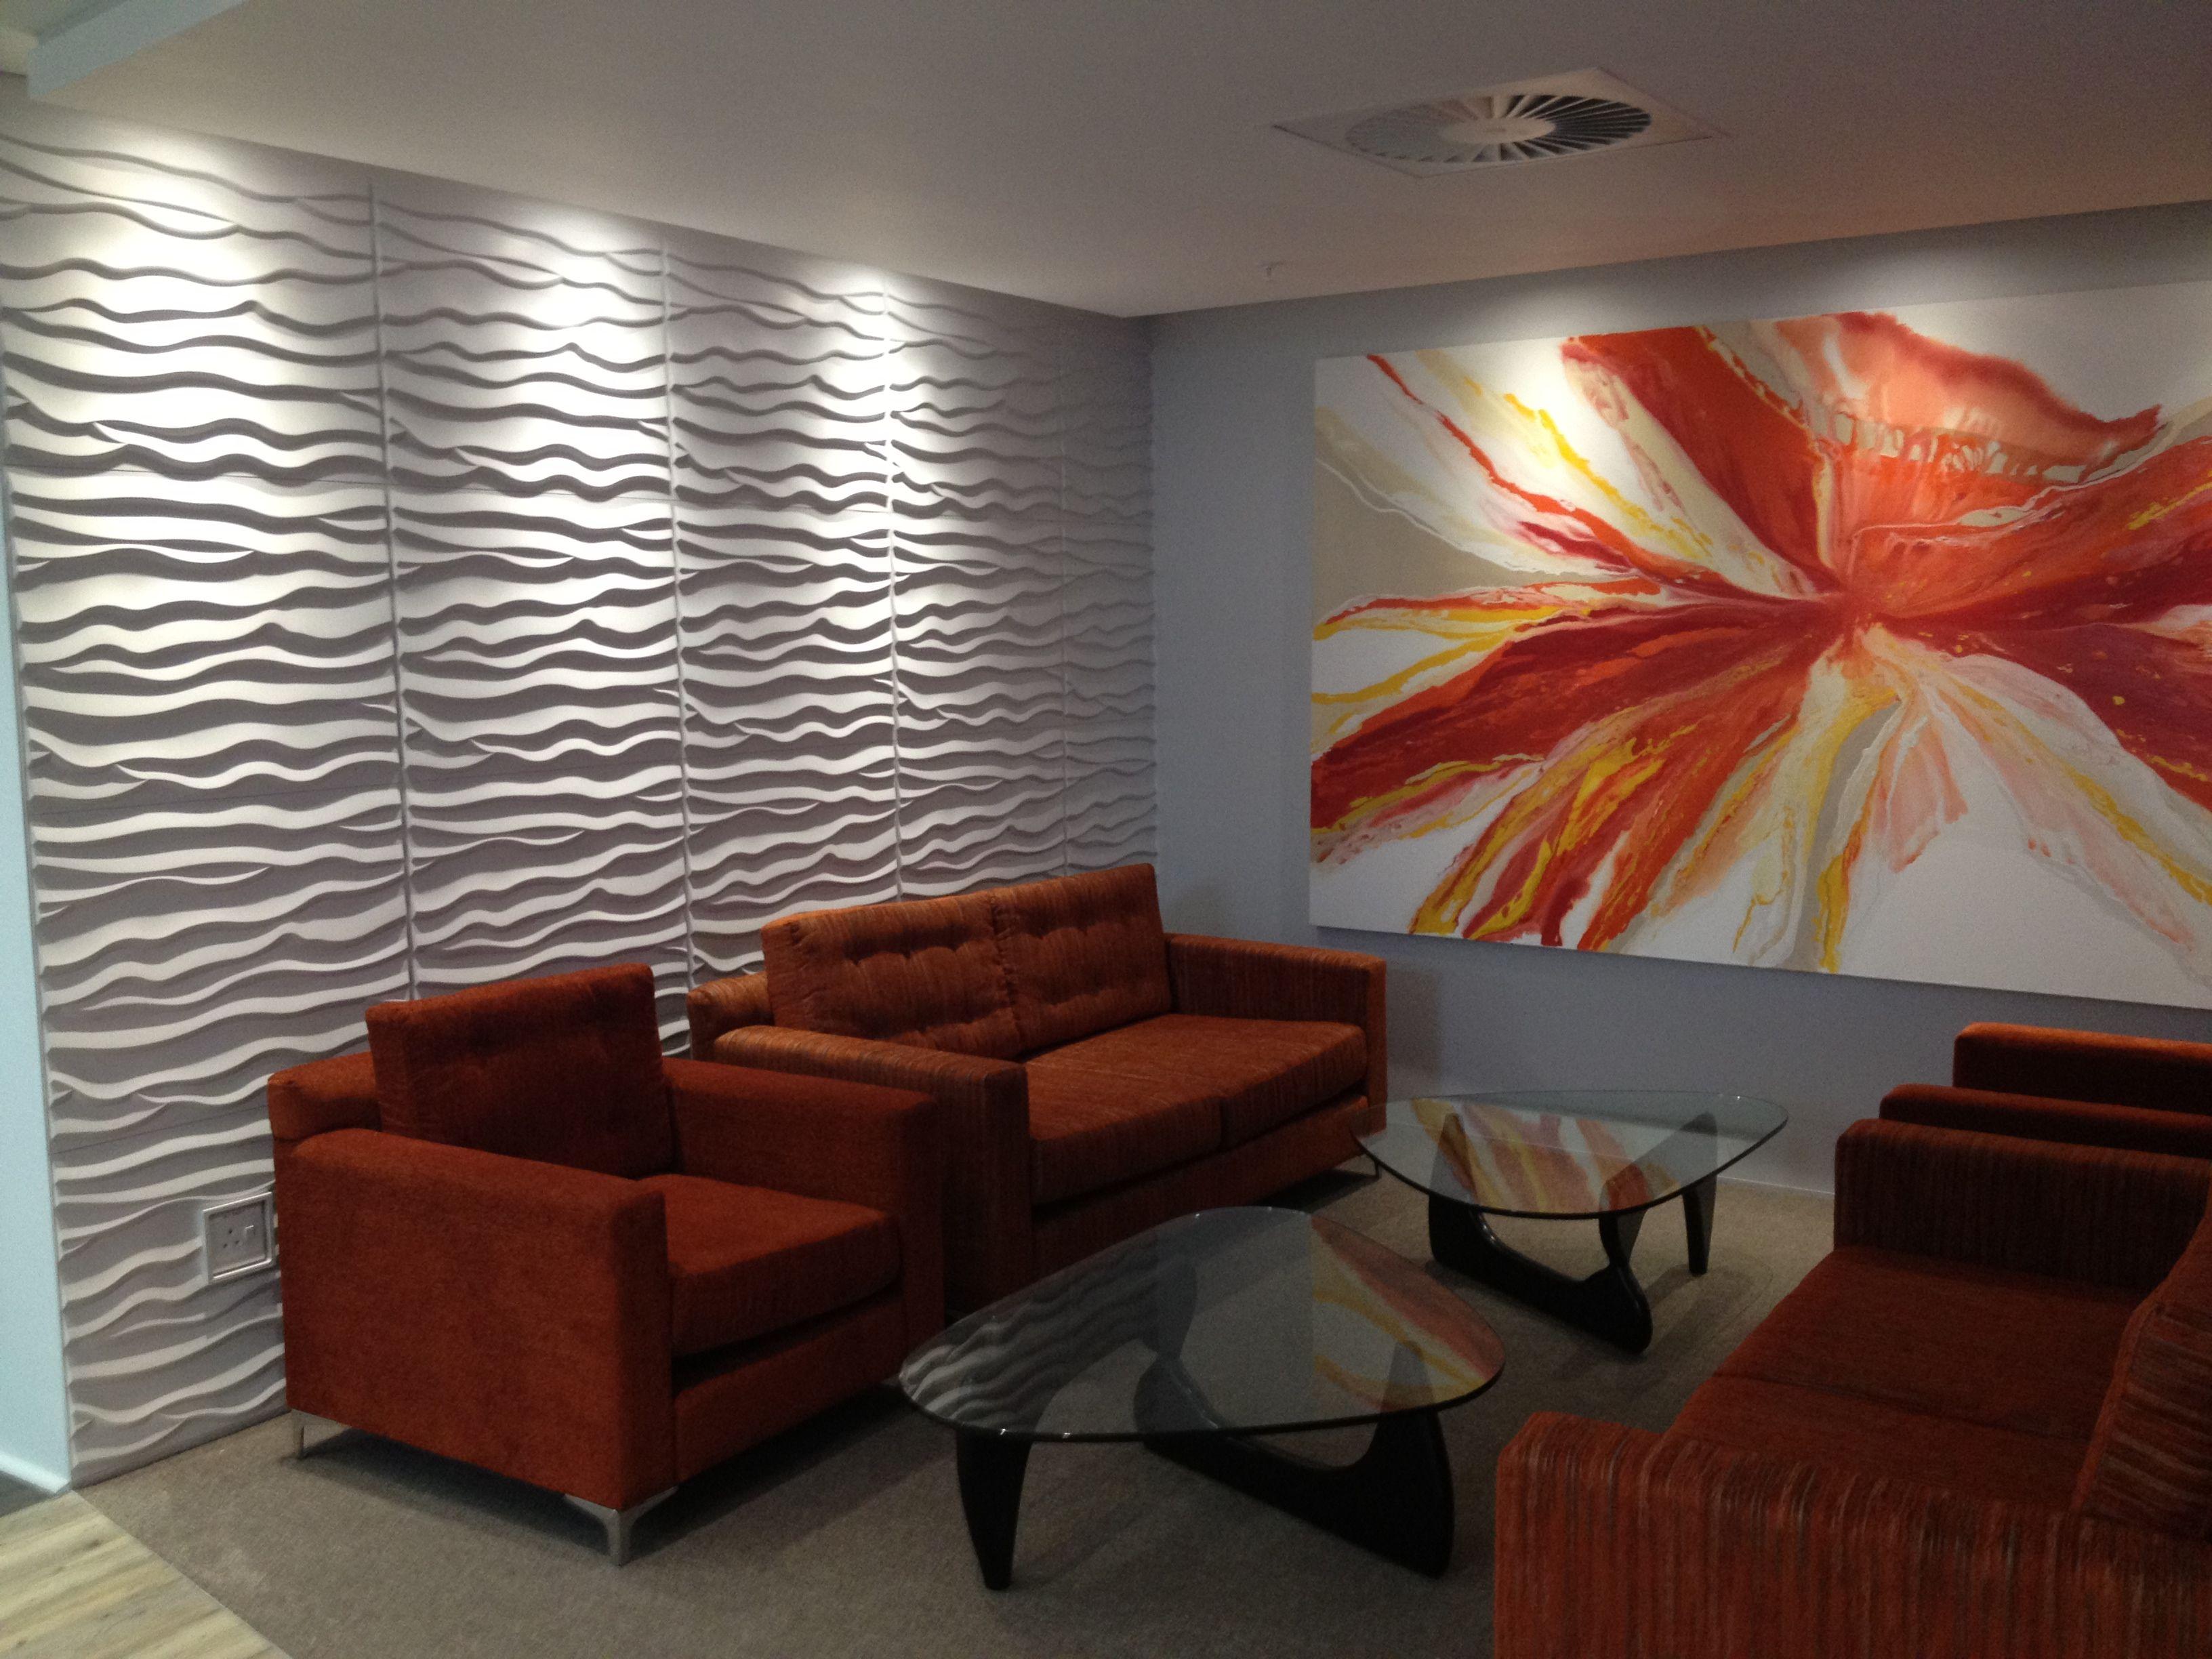 3d Wandpaneele Wohnzimmer Geben Sie Ihren Raumen Eine Neue Wirkung Mit Bambonello Paneele Von Panelprince Trend Design Mit In 2019 Smart Art Decor Art